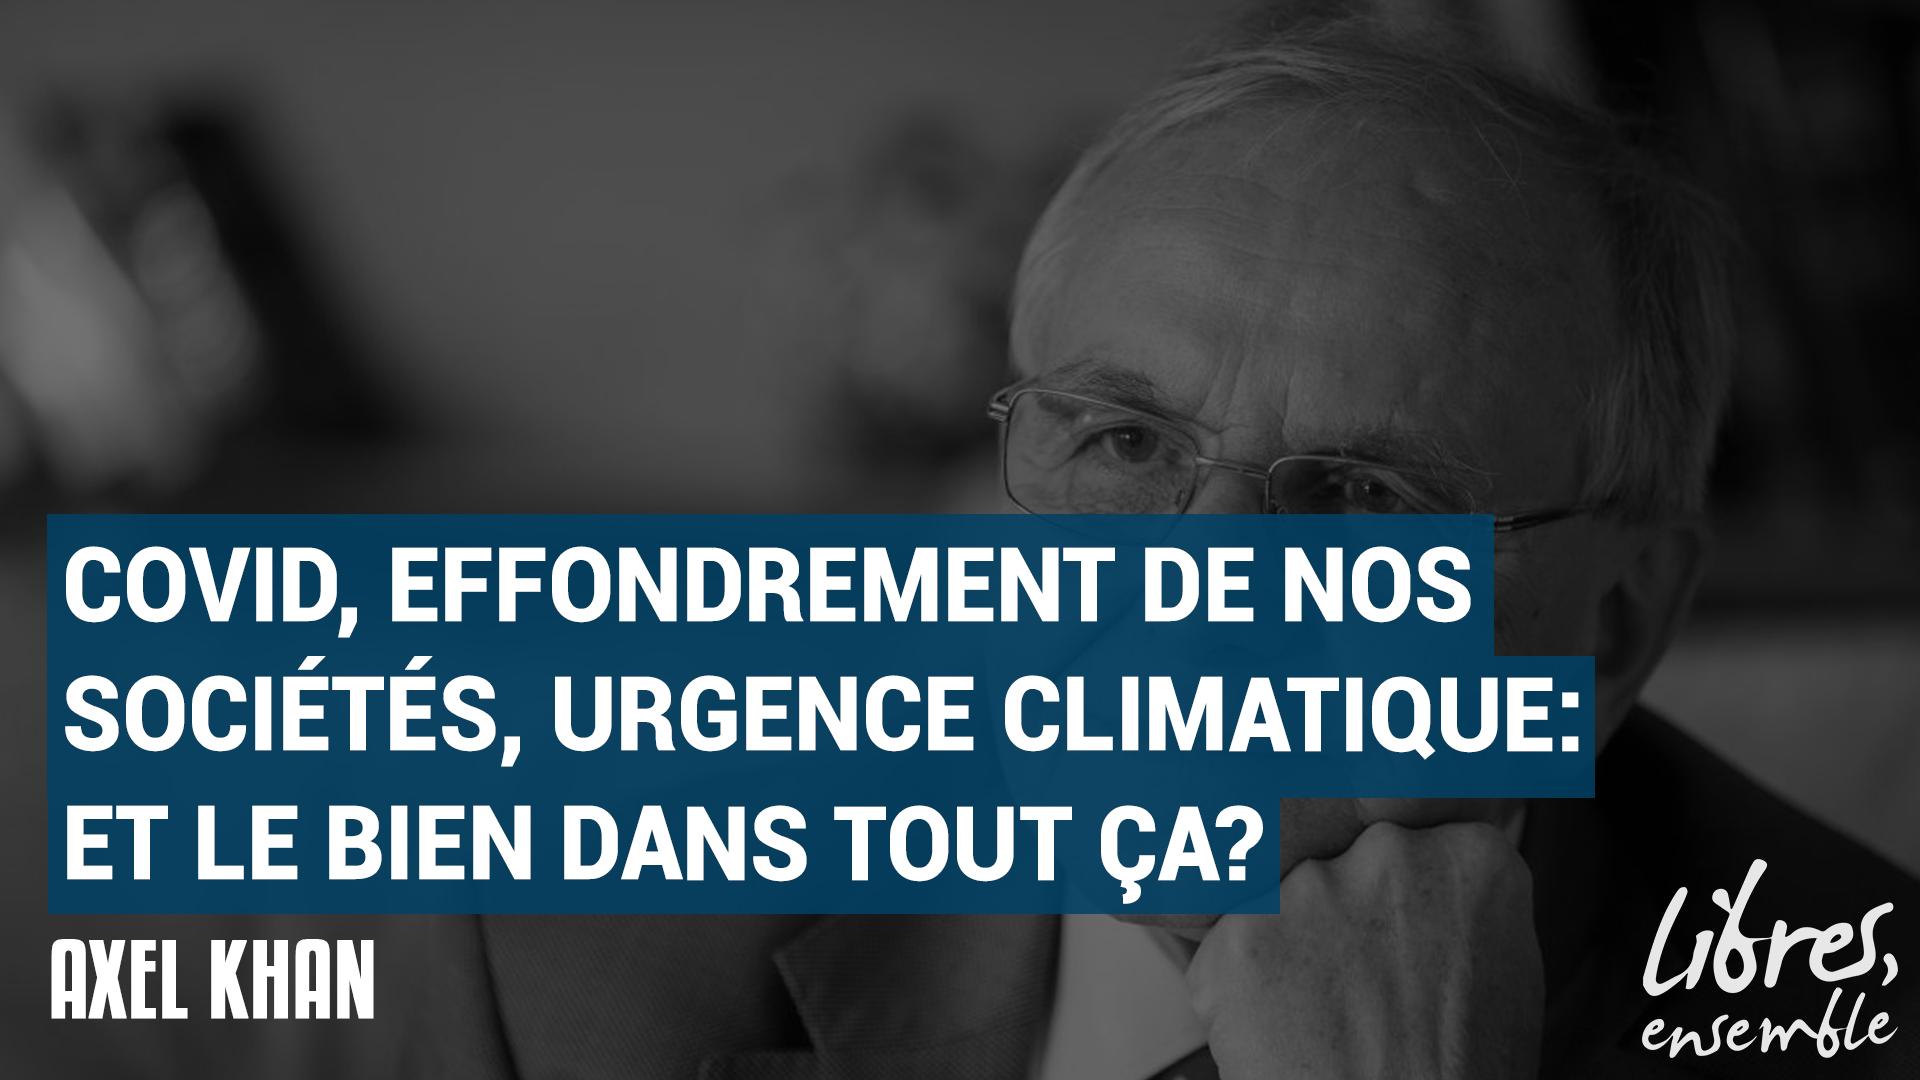 Covid, effondrement de nos sociétés, urgence climatique: et le bien dans tout ça? Entretien avec Axel Khan